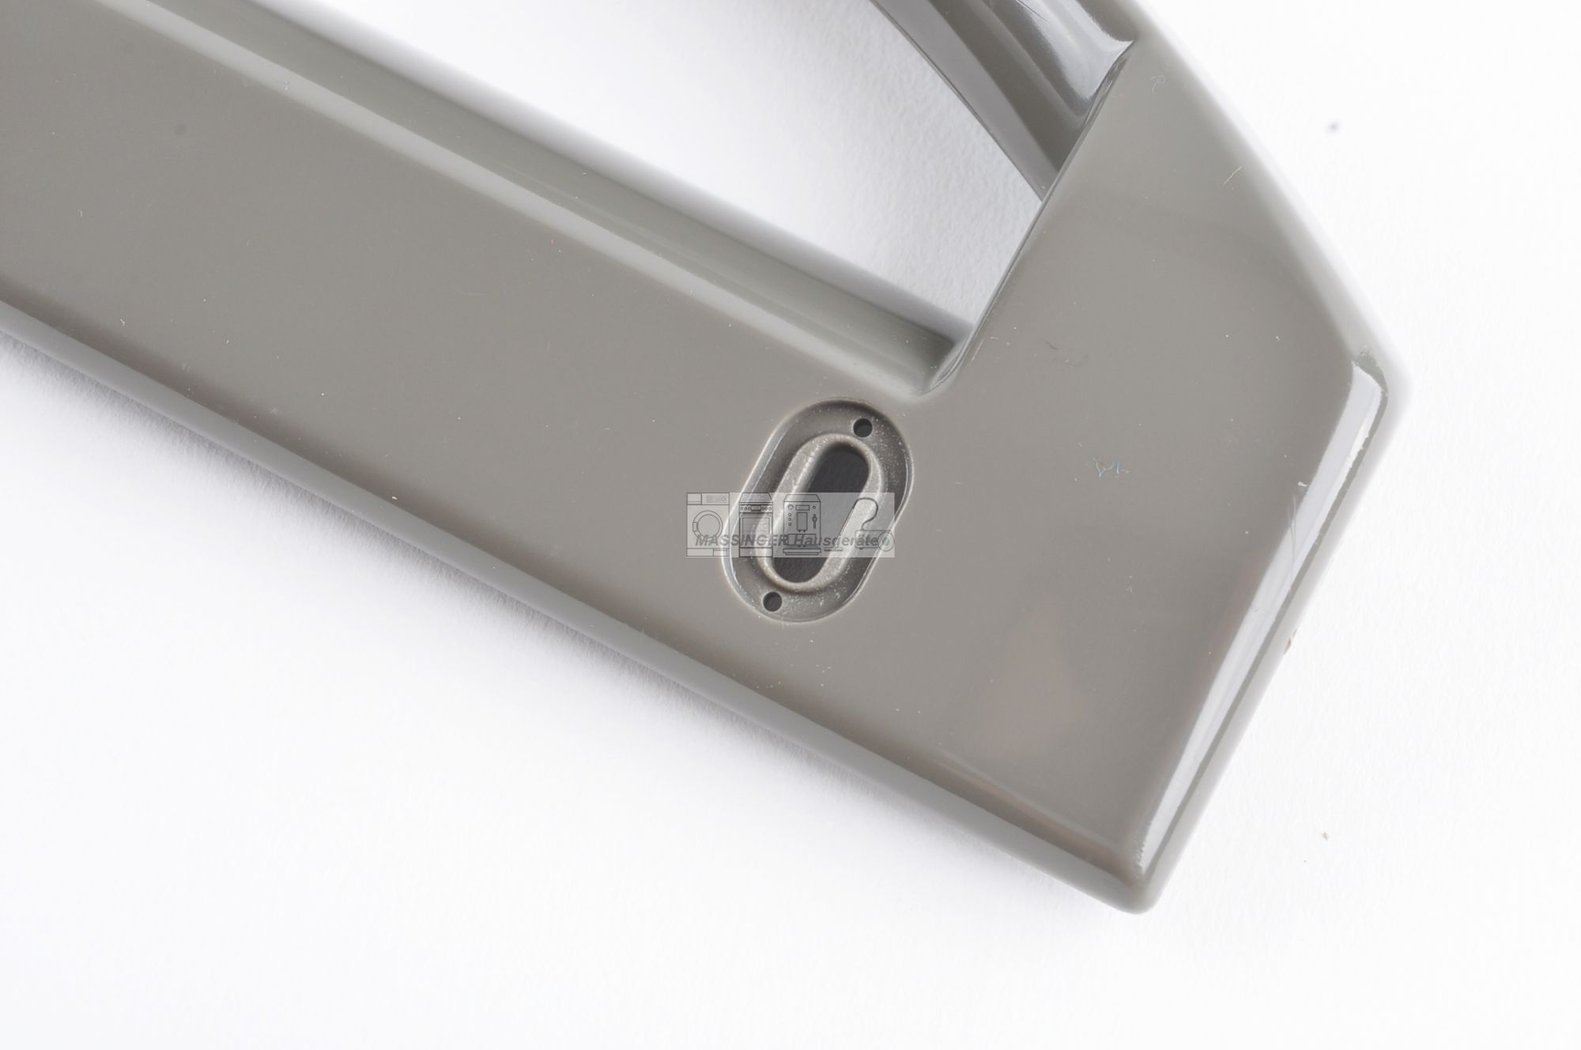 AEG Zanussi Privileg Kühlschrank Türgriff Gefrierschrank 20628080